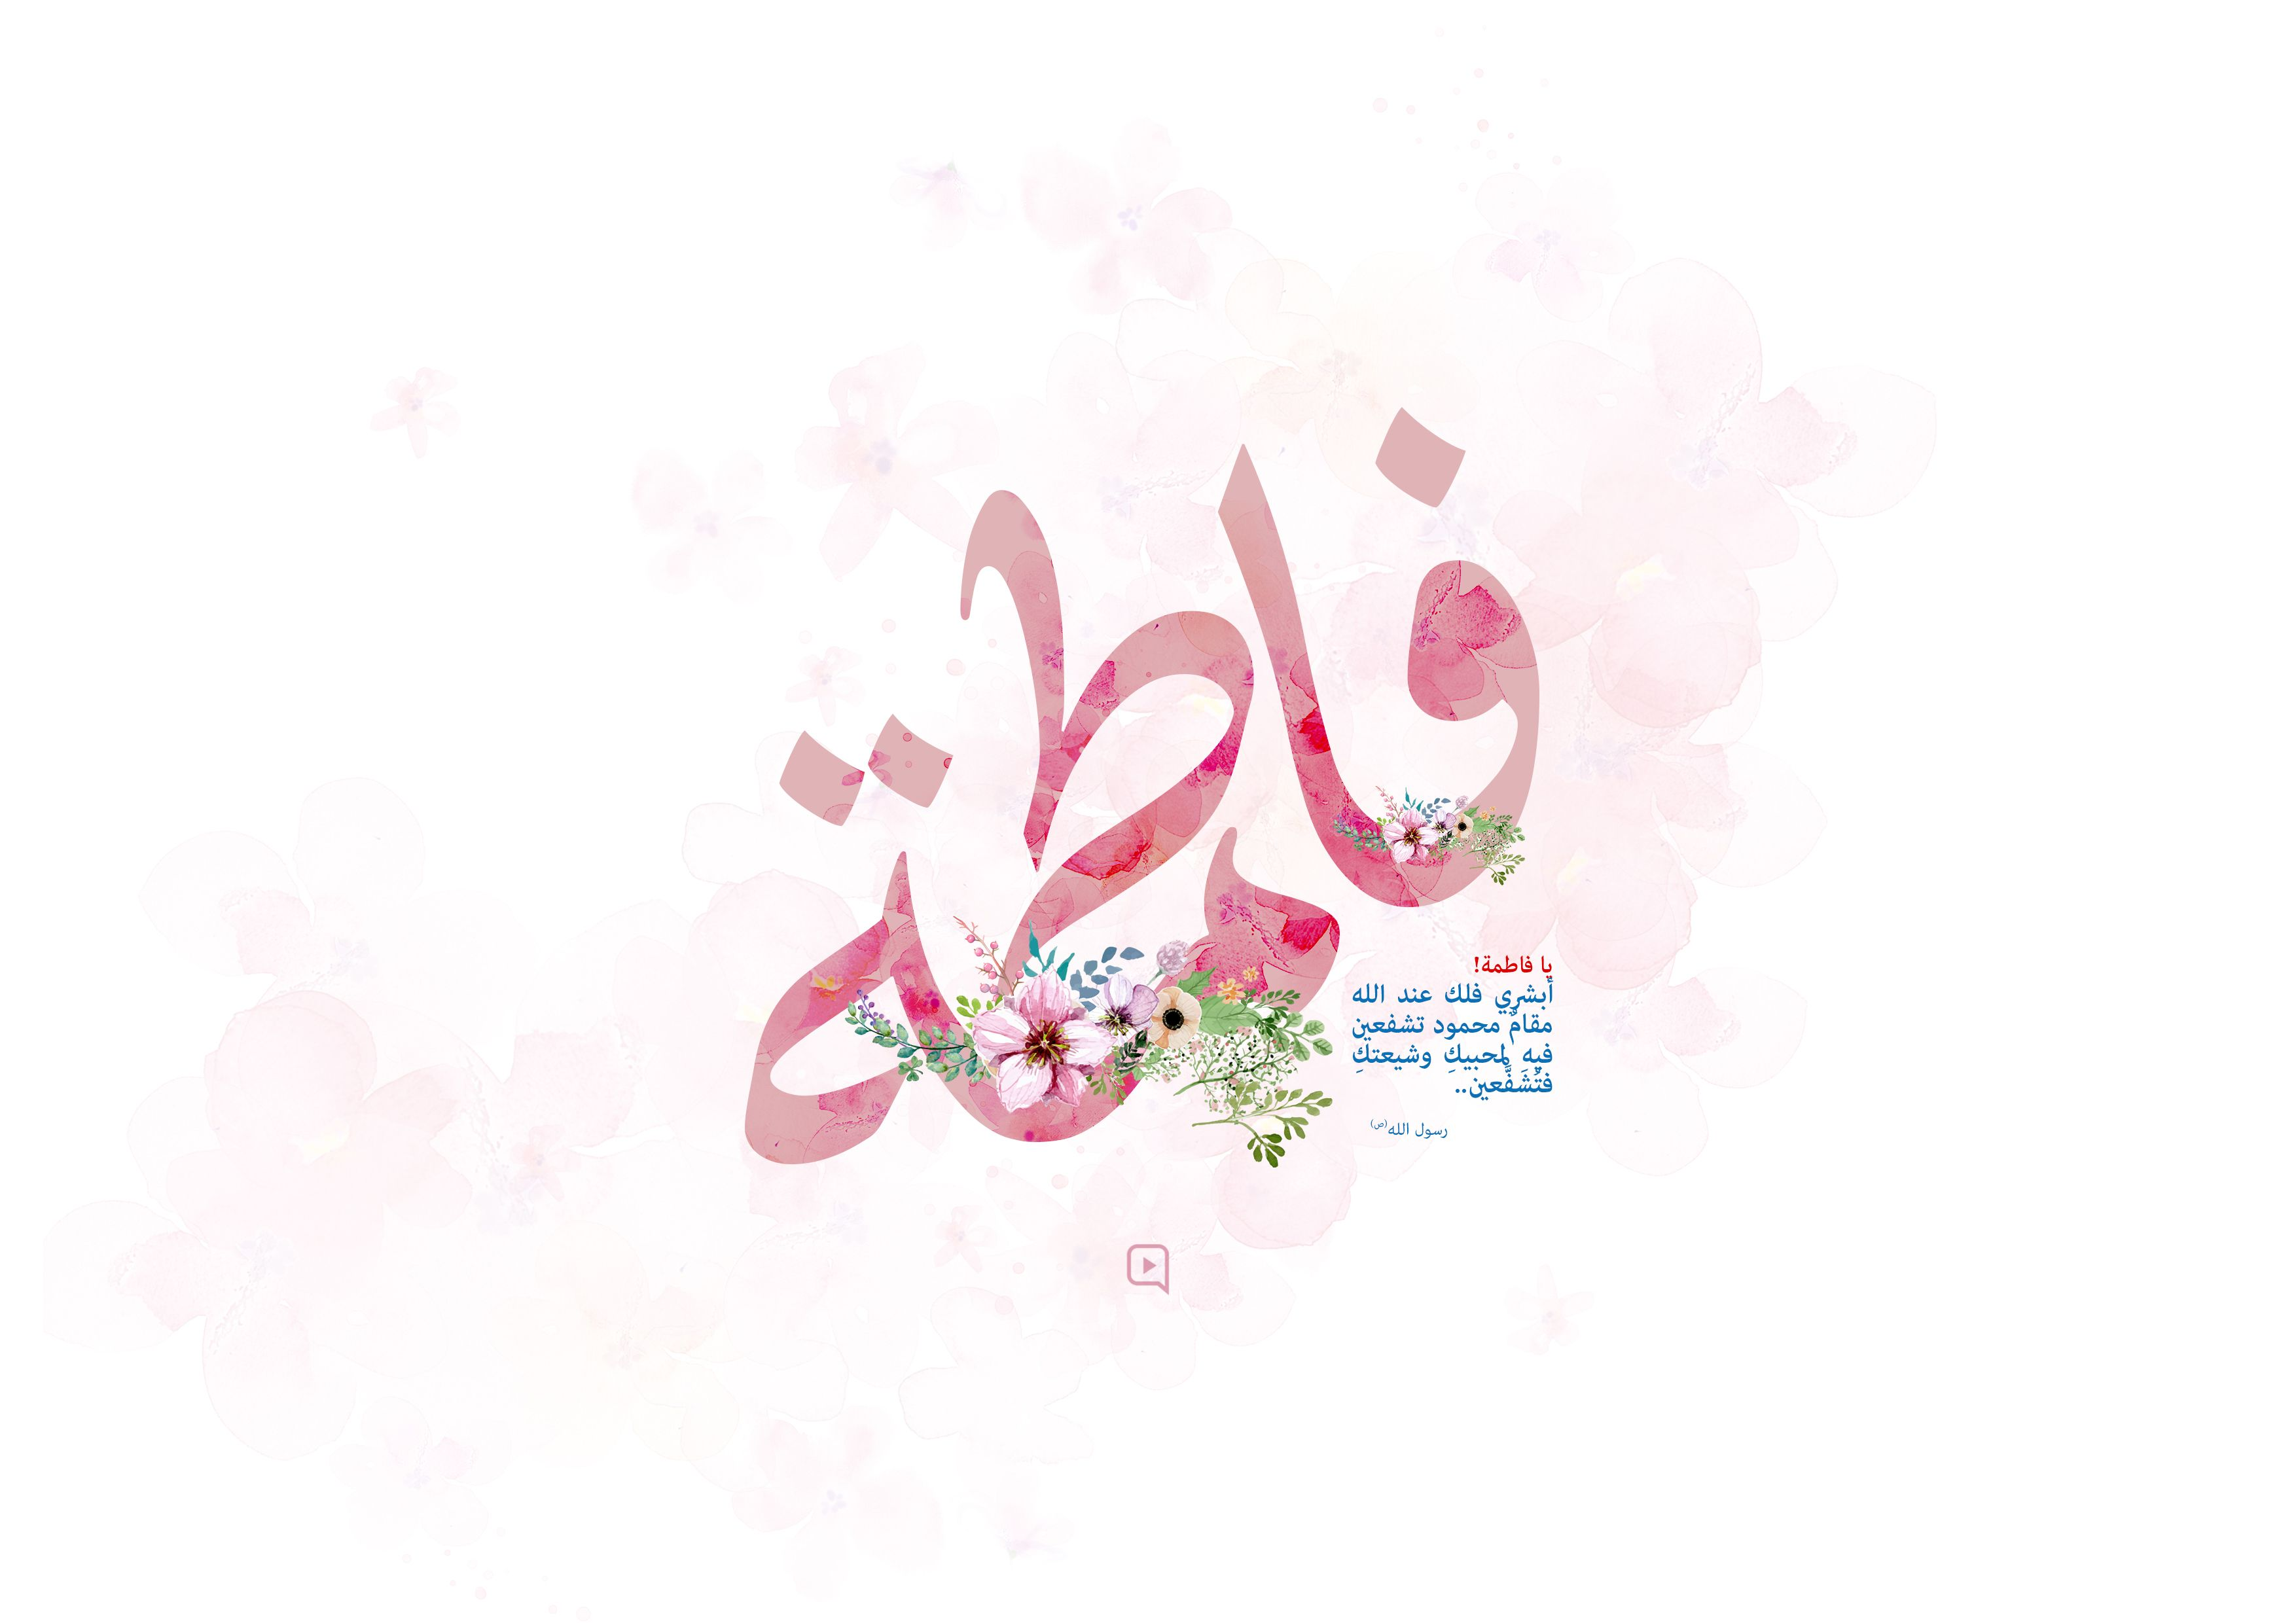 ولادة السيدة فاطمة الزهراء 2018 Girly Art Islamic Wall Art Diy Crafts For Gifts